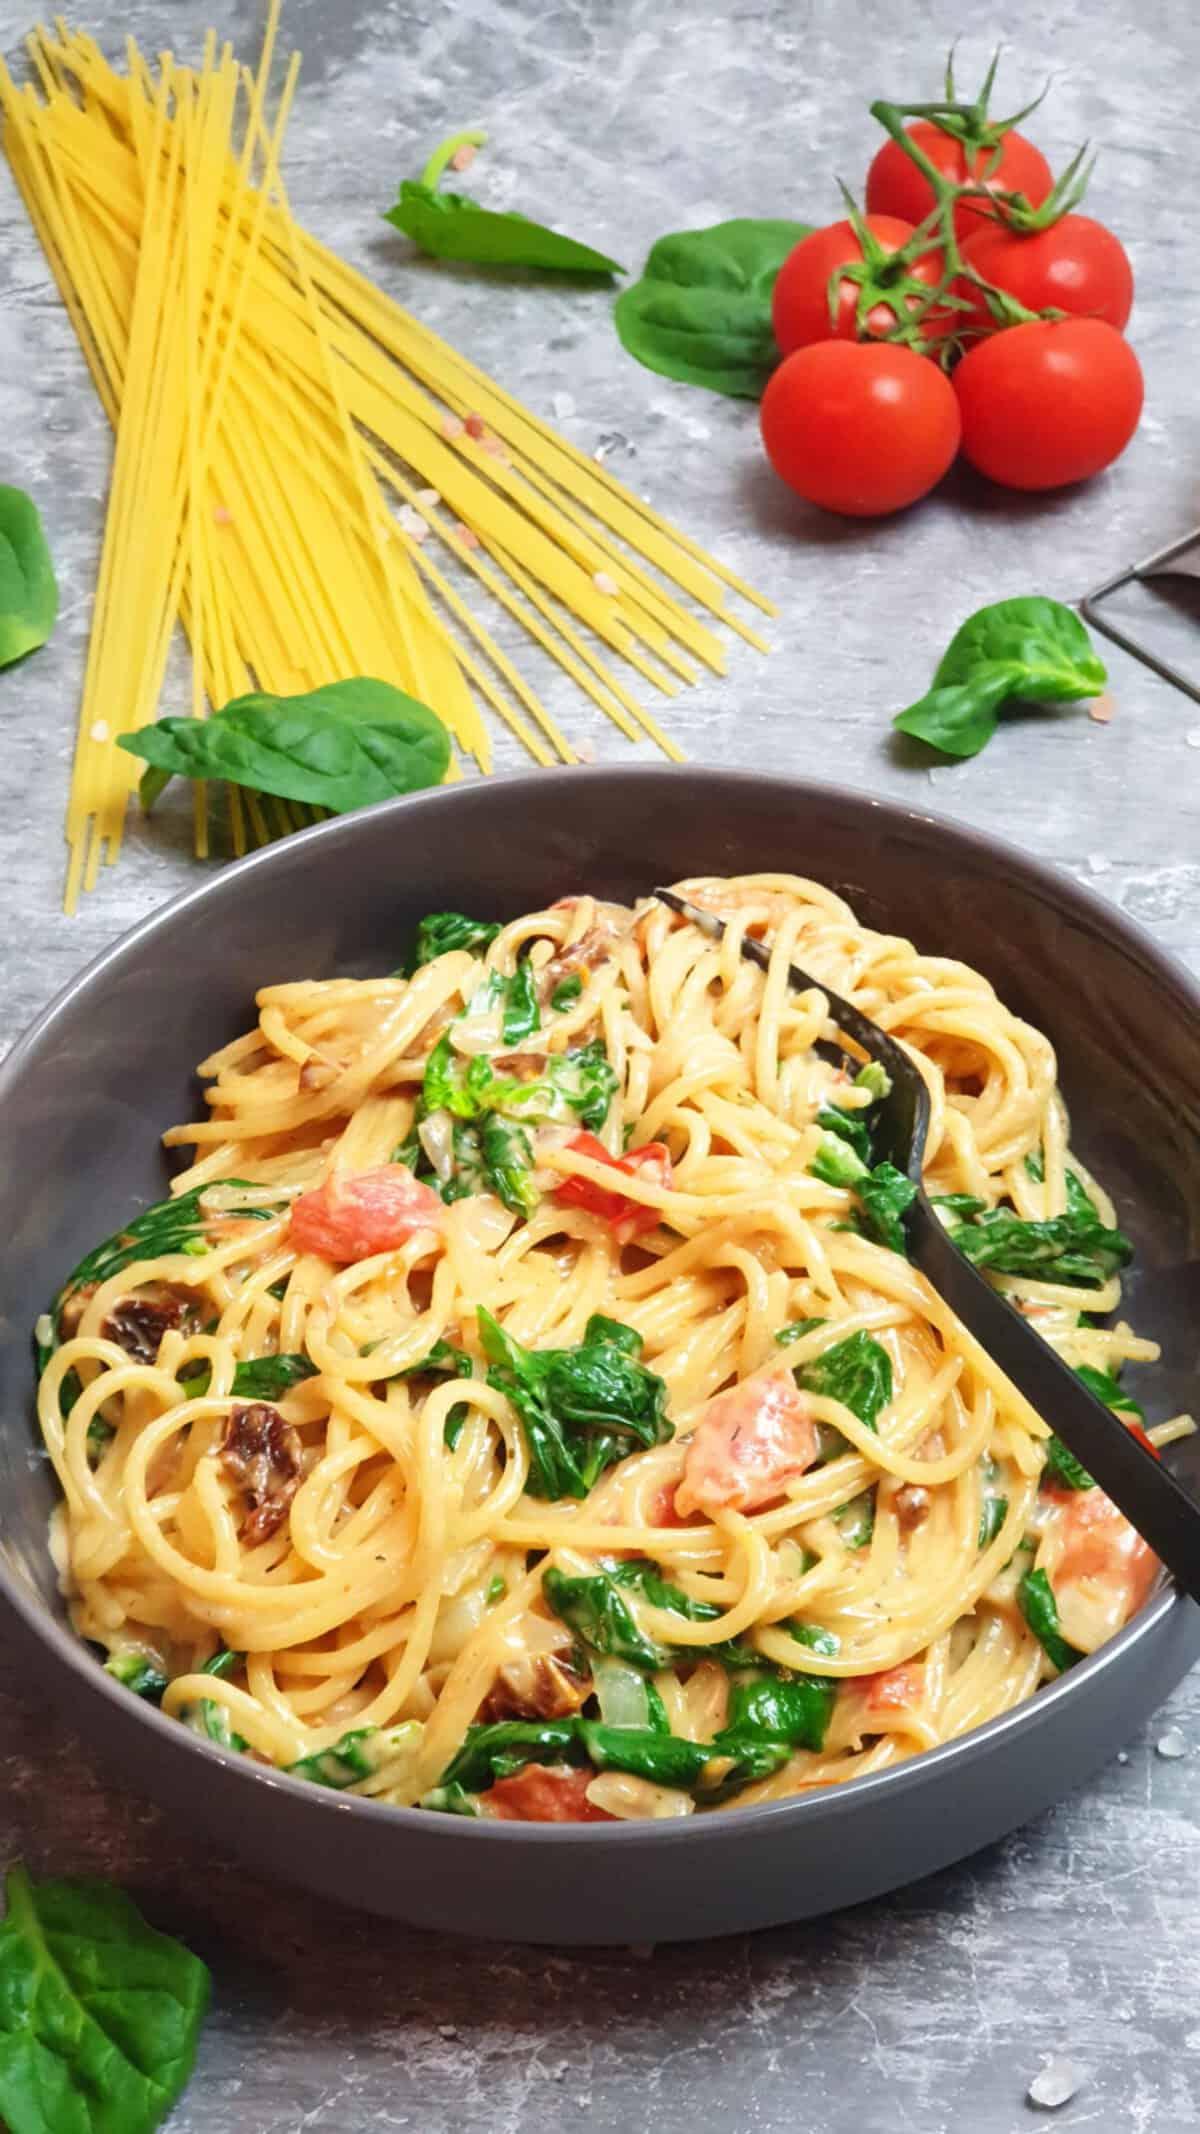 In einer grauen Schale ein One Pot Gericht mit Spaghetti, Spinat und Tomaten.